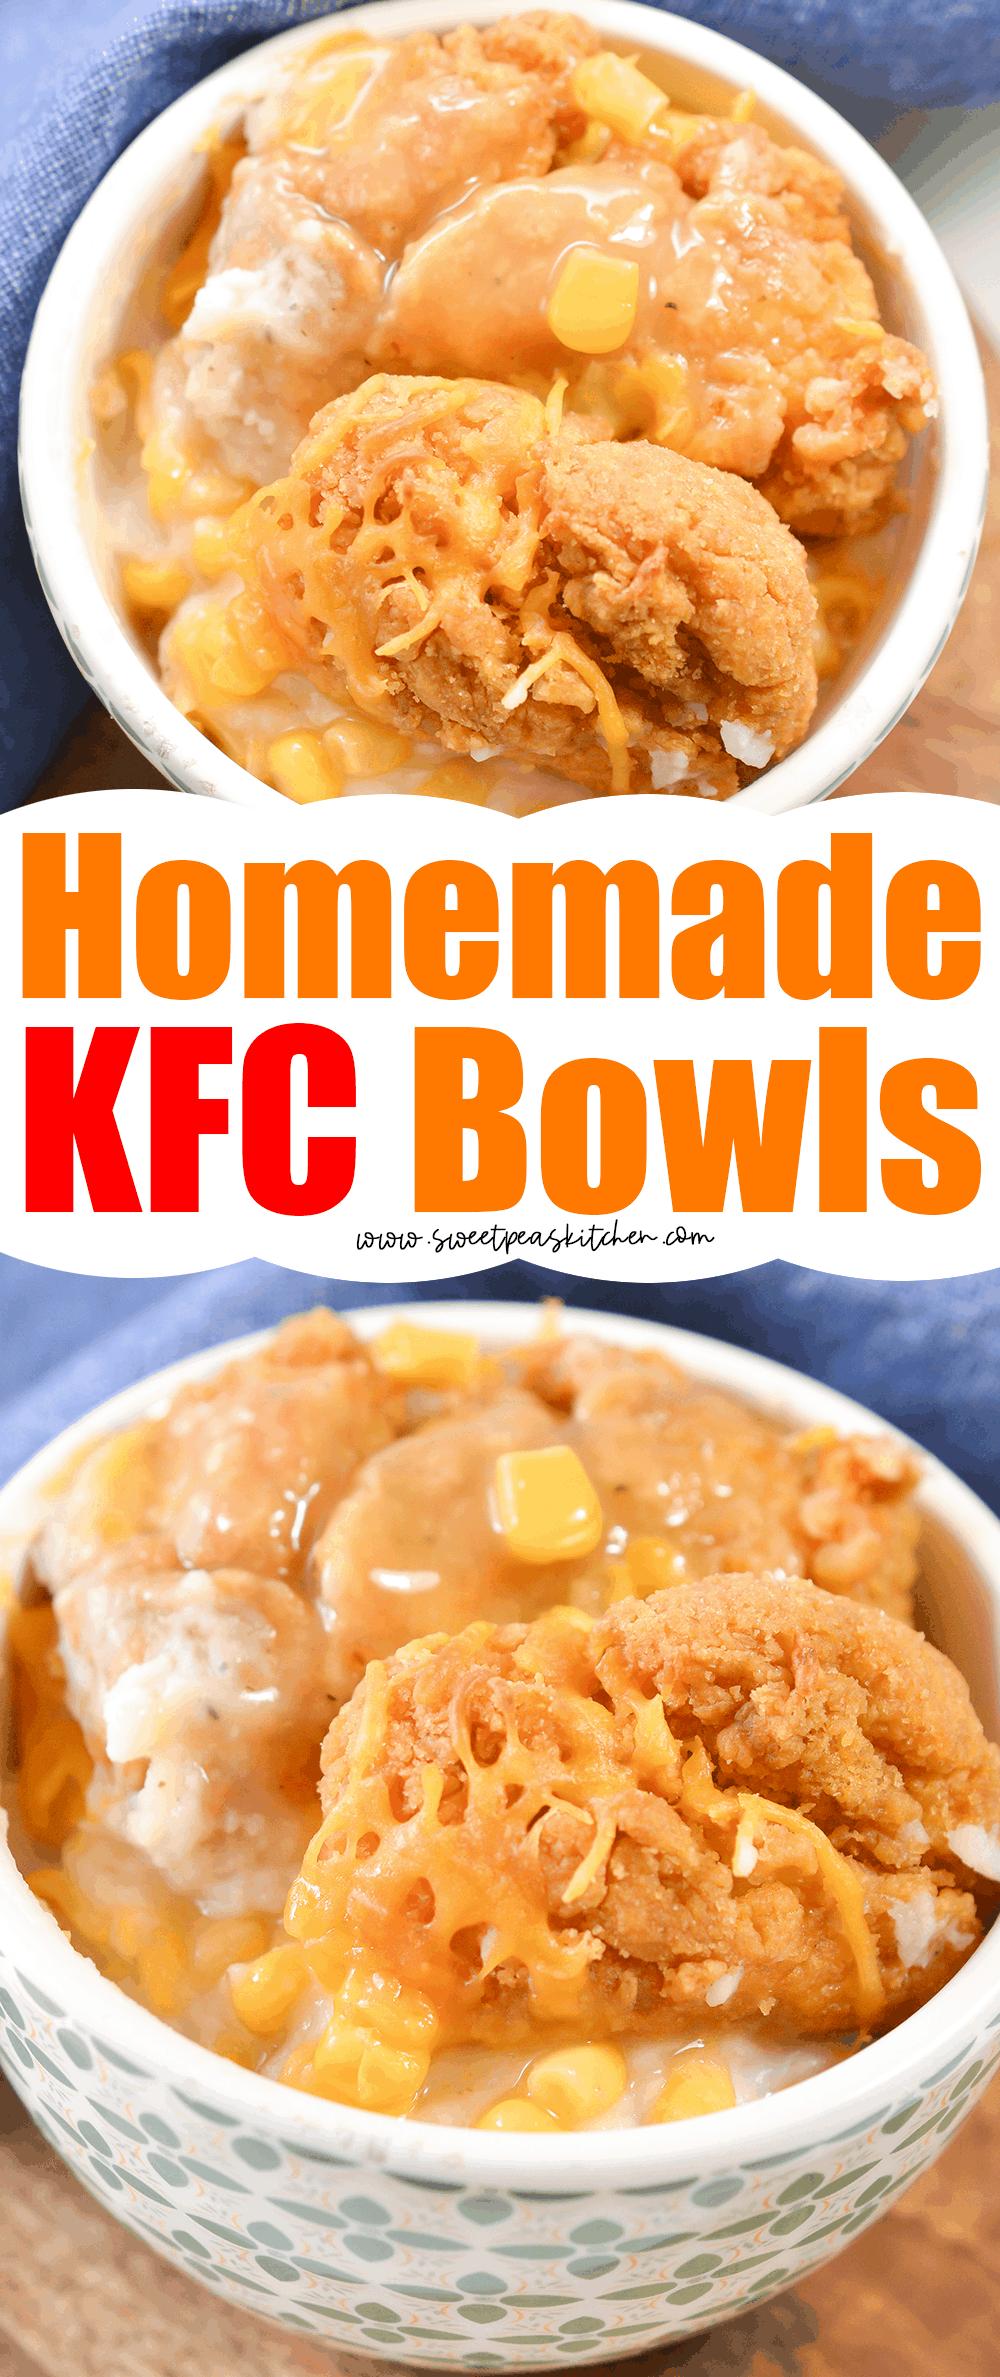 Homemade KFC Bowls